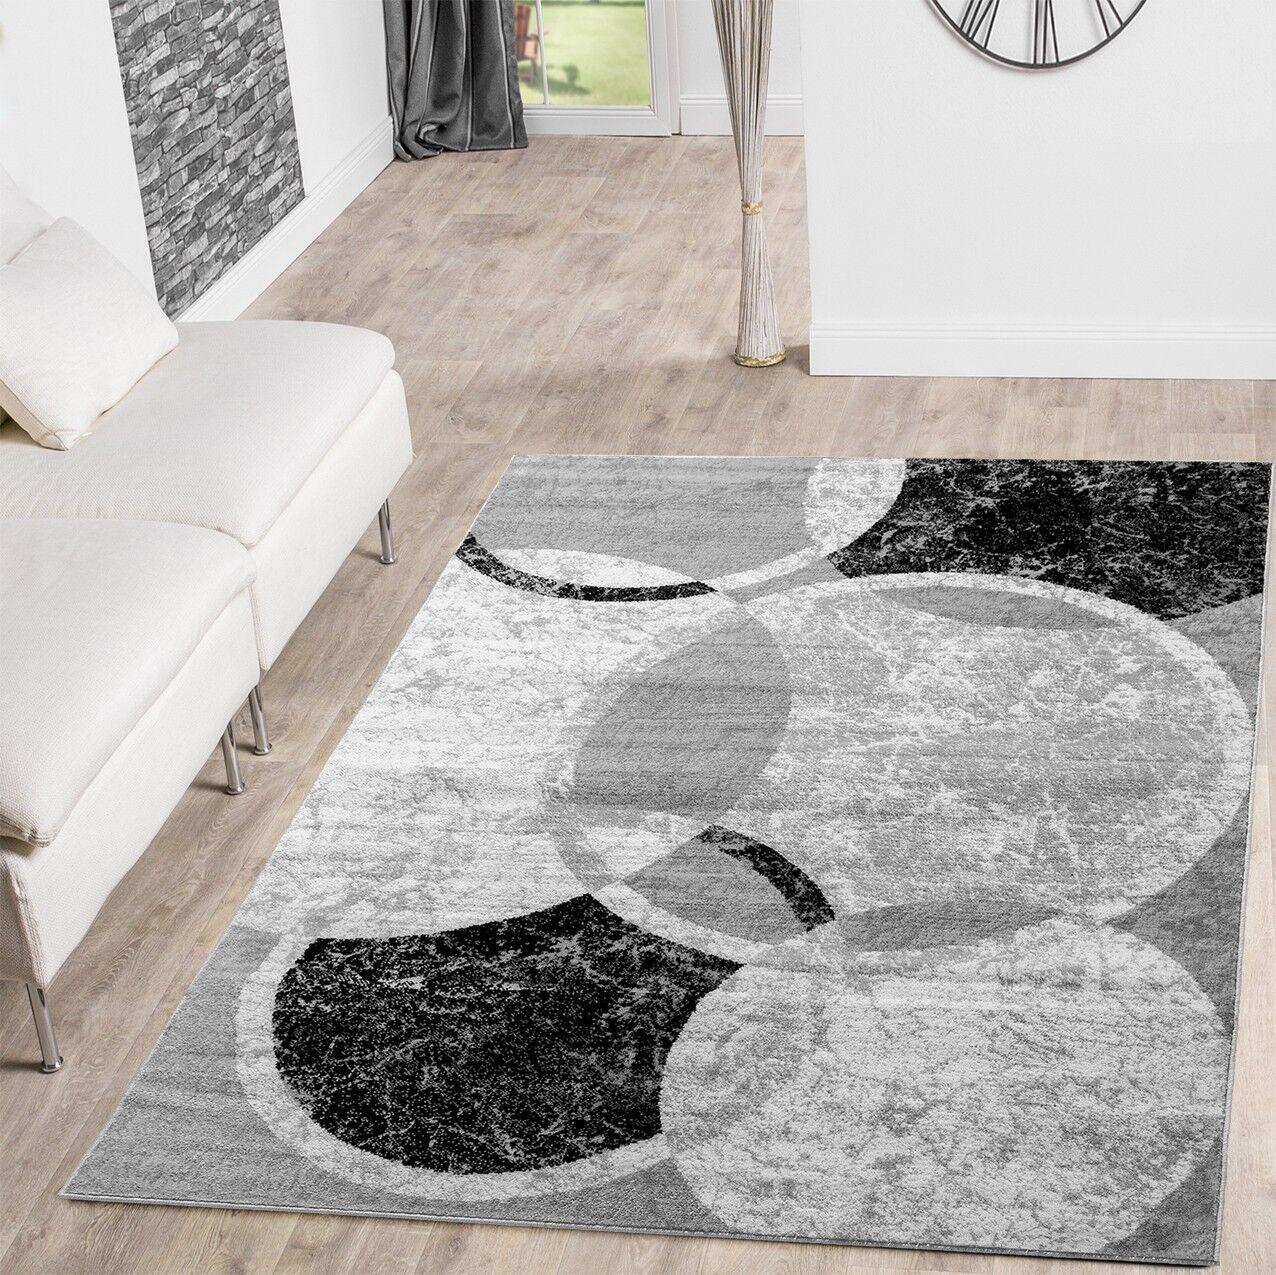 Perfekt Teppich Günstig Kreis Design Modern Wohnzimmerteppich Grau Creme Schwarz  Meliert